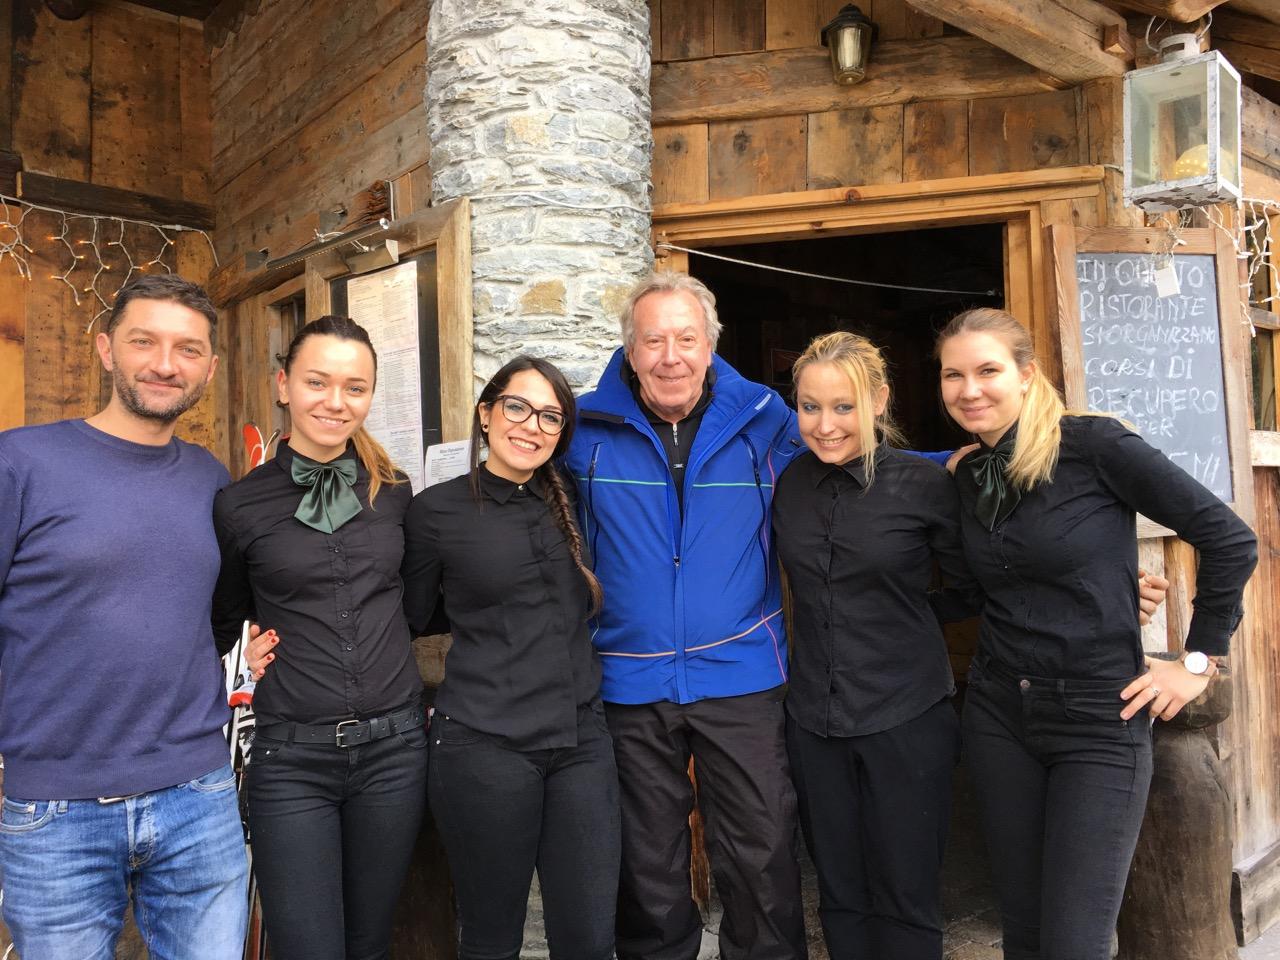 ... Idem au Coppapan, à La Thuile, où Gianni, Giorgio et leur commando de charme vous proposeront un somptueux menu Rosière.